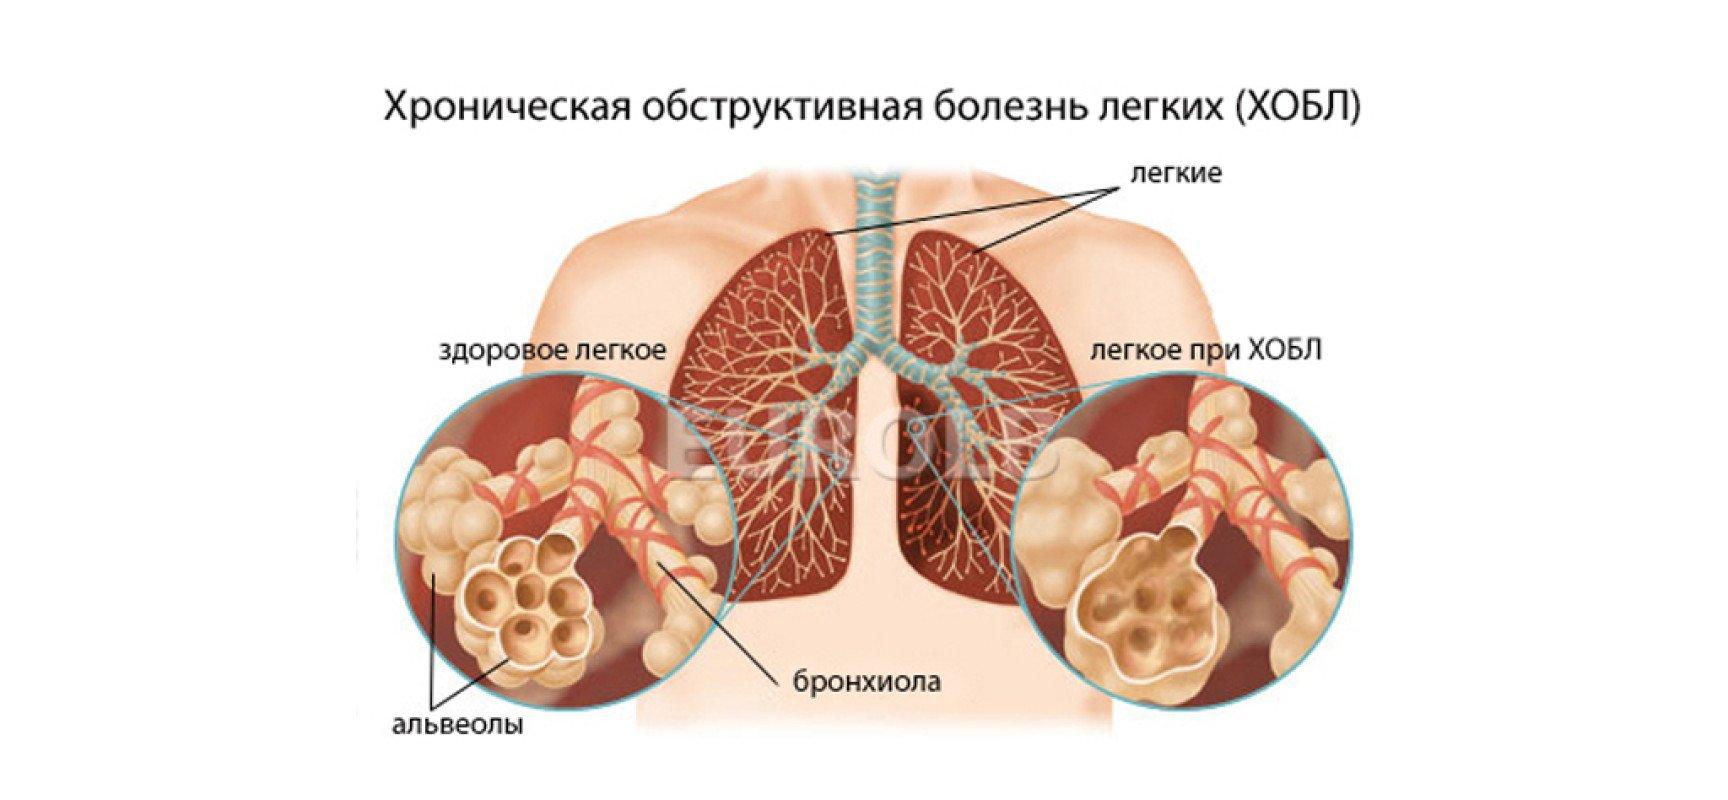 При определенной степени тяжести заболевания необходимо назначить медикаментозные препараты